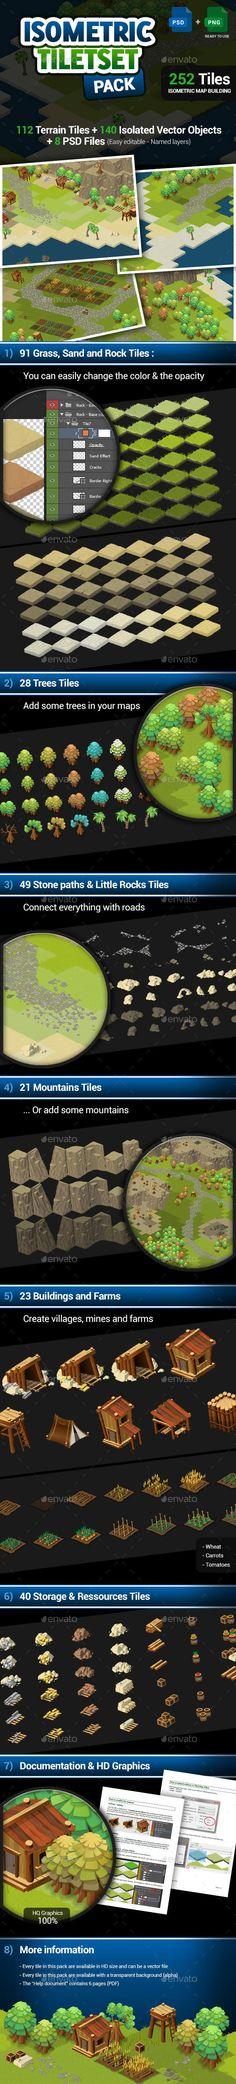 Isometric Tileset - Map Creation Pack (Tilesets)